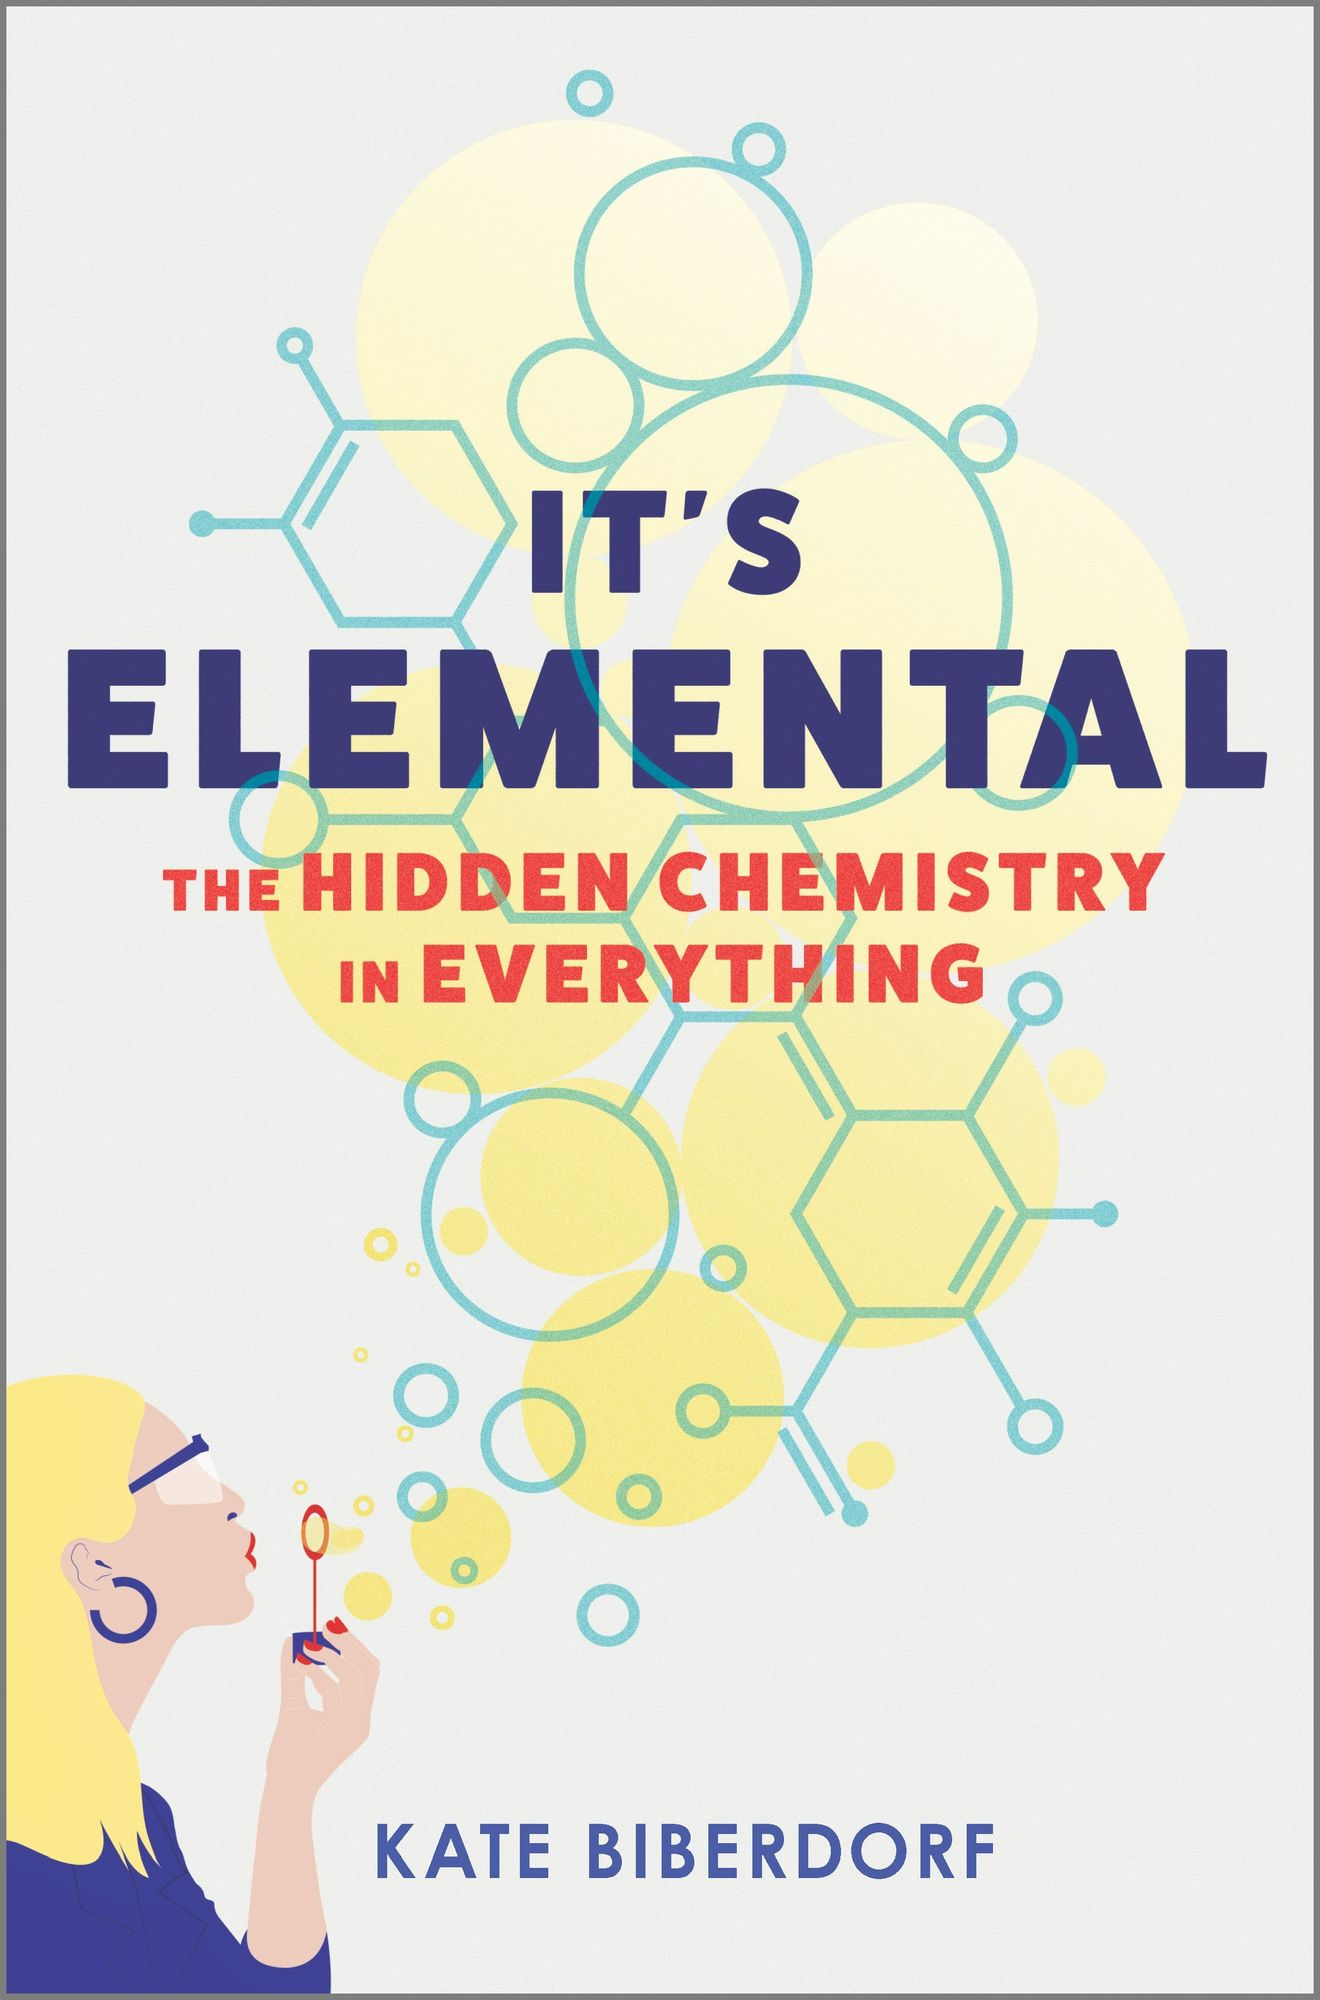 It's Elemental by Kate Biberdorf